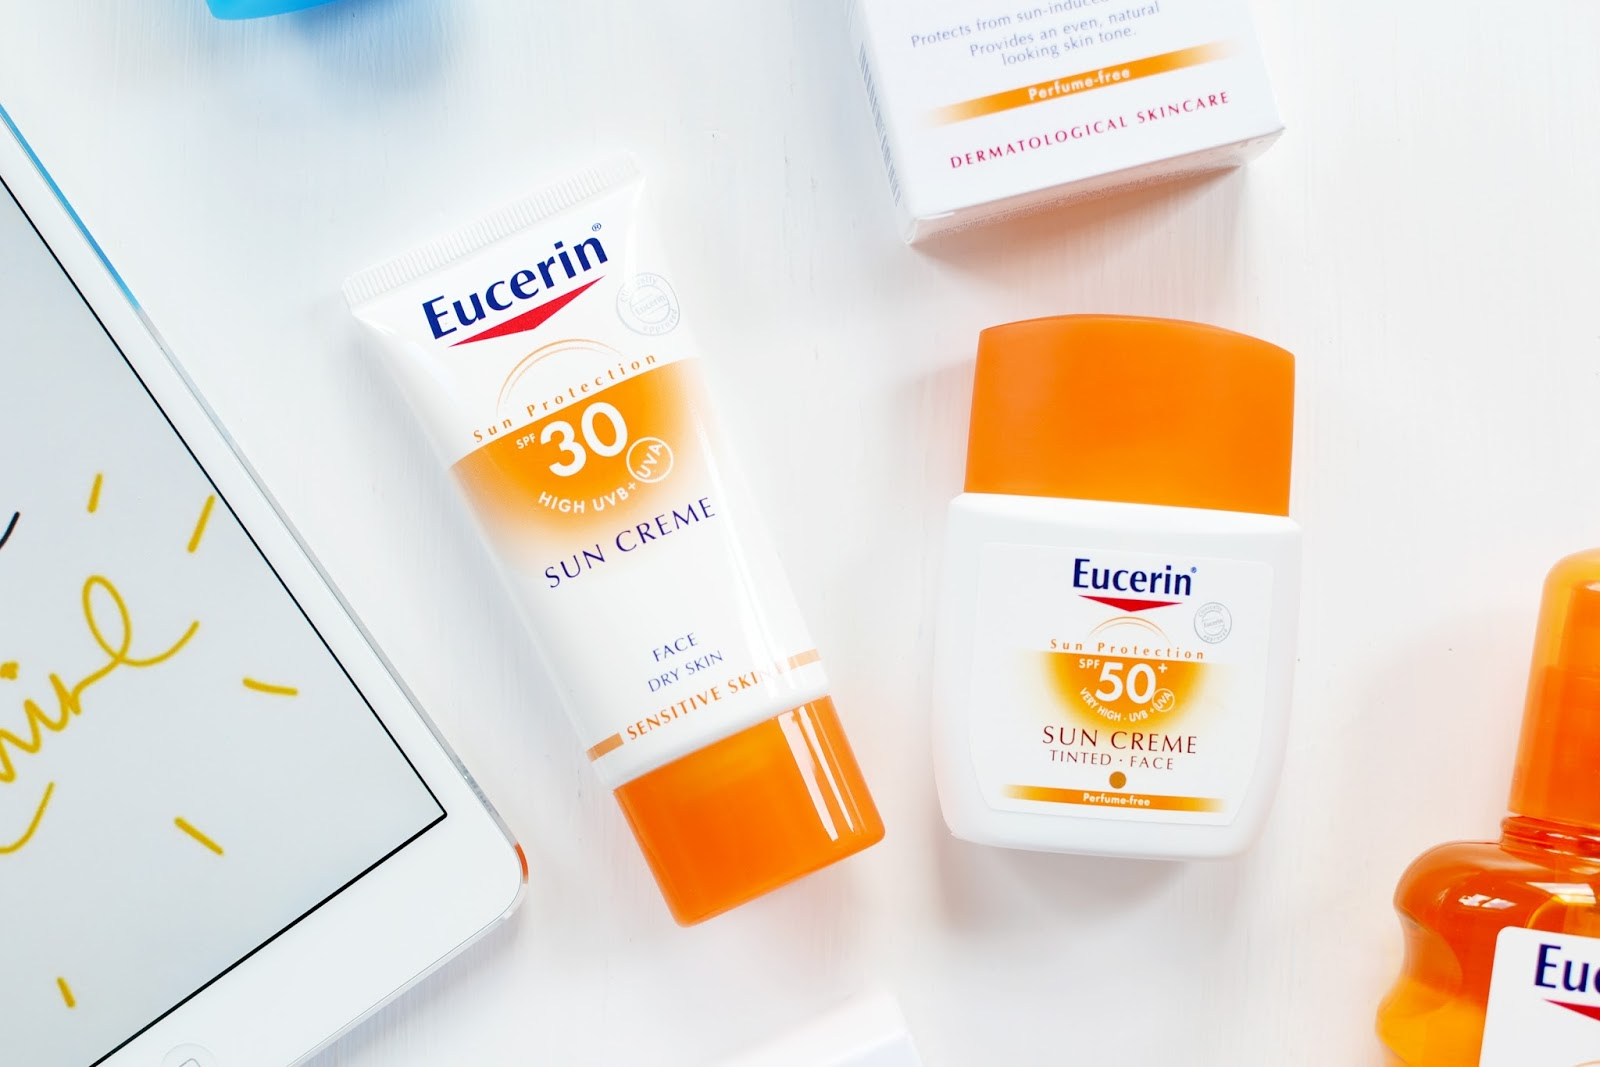 eurecin sun care products